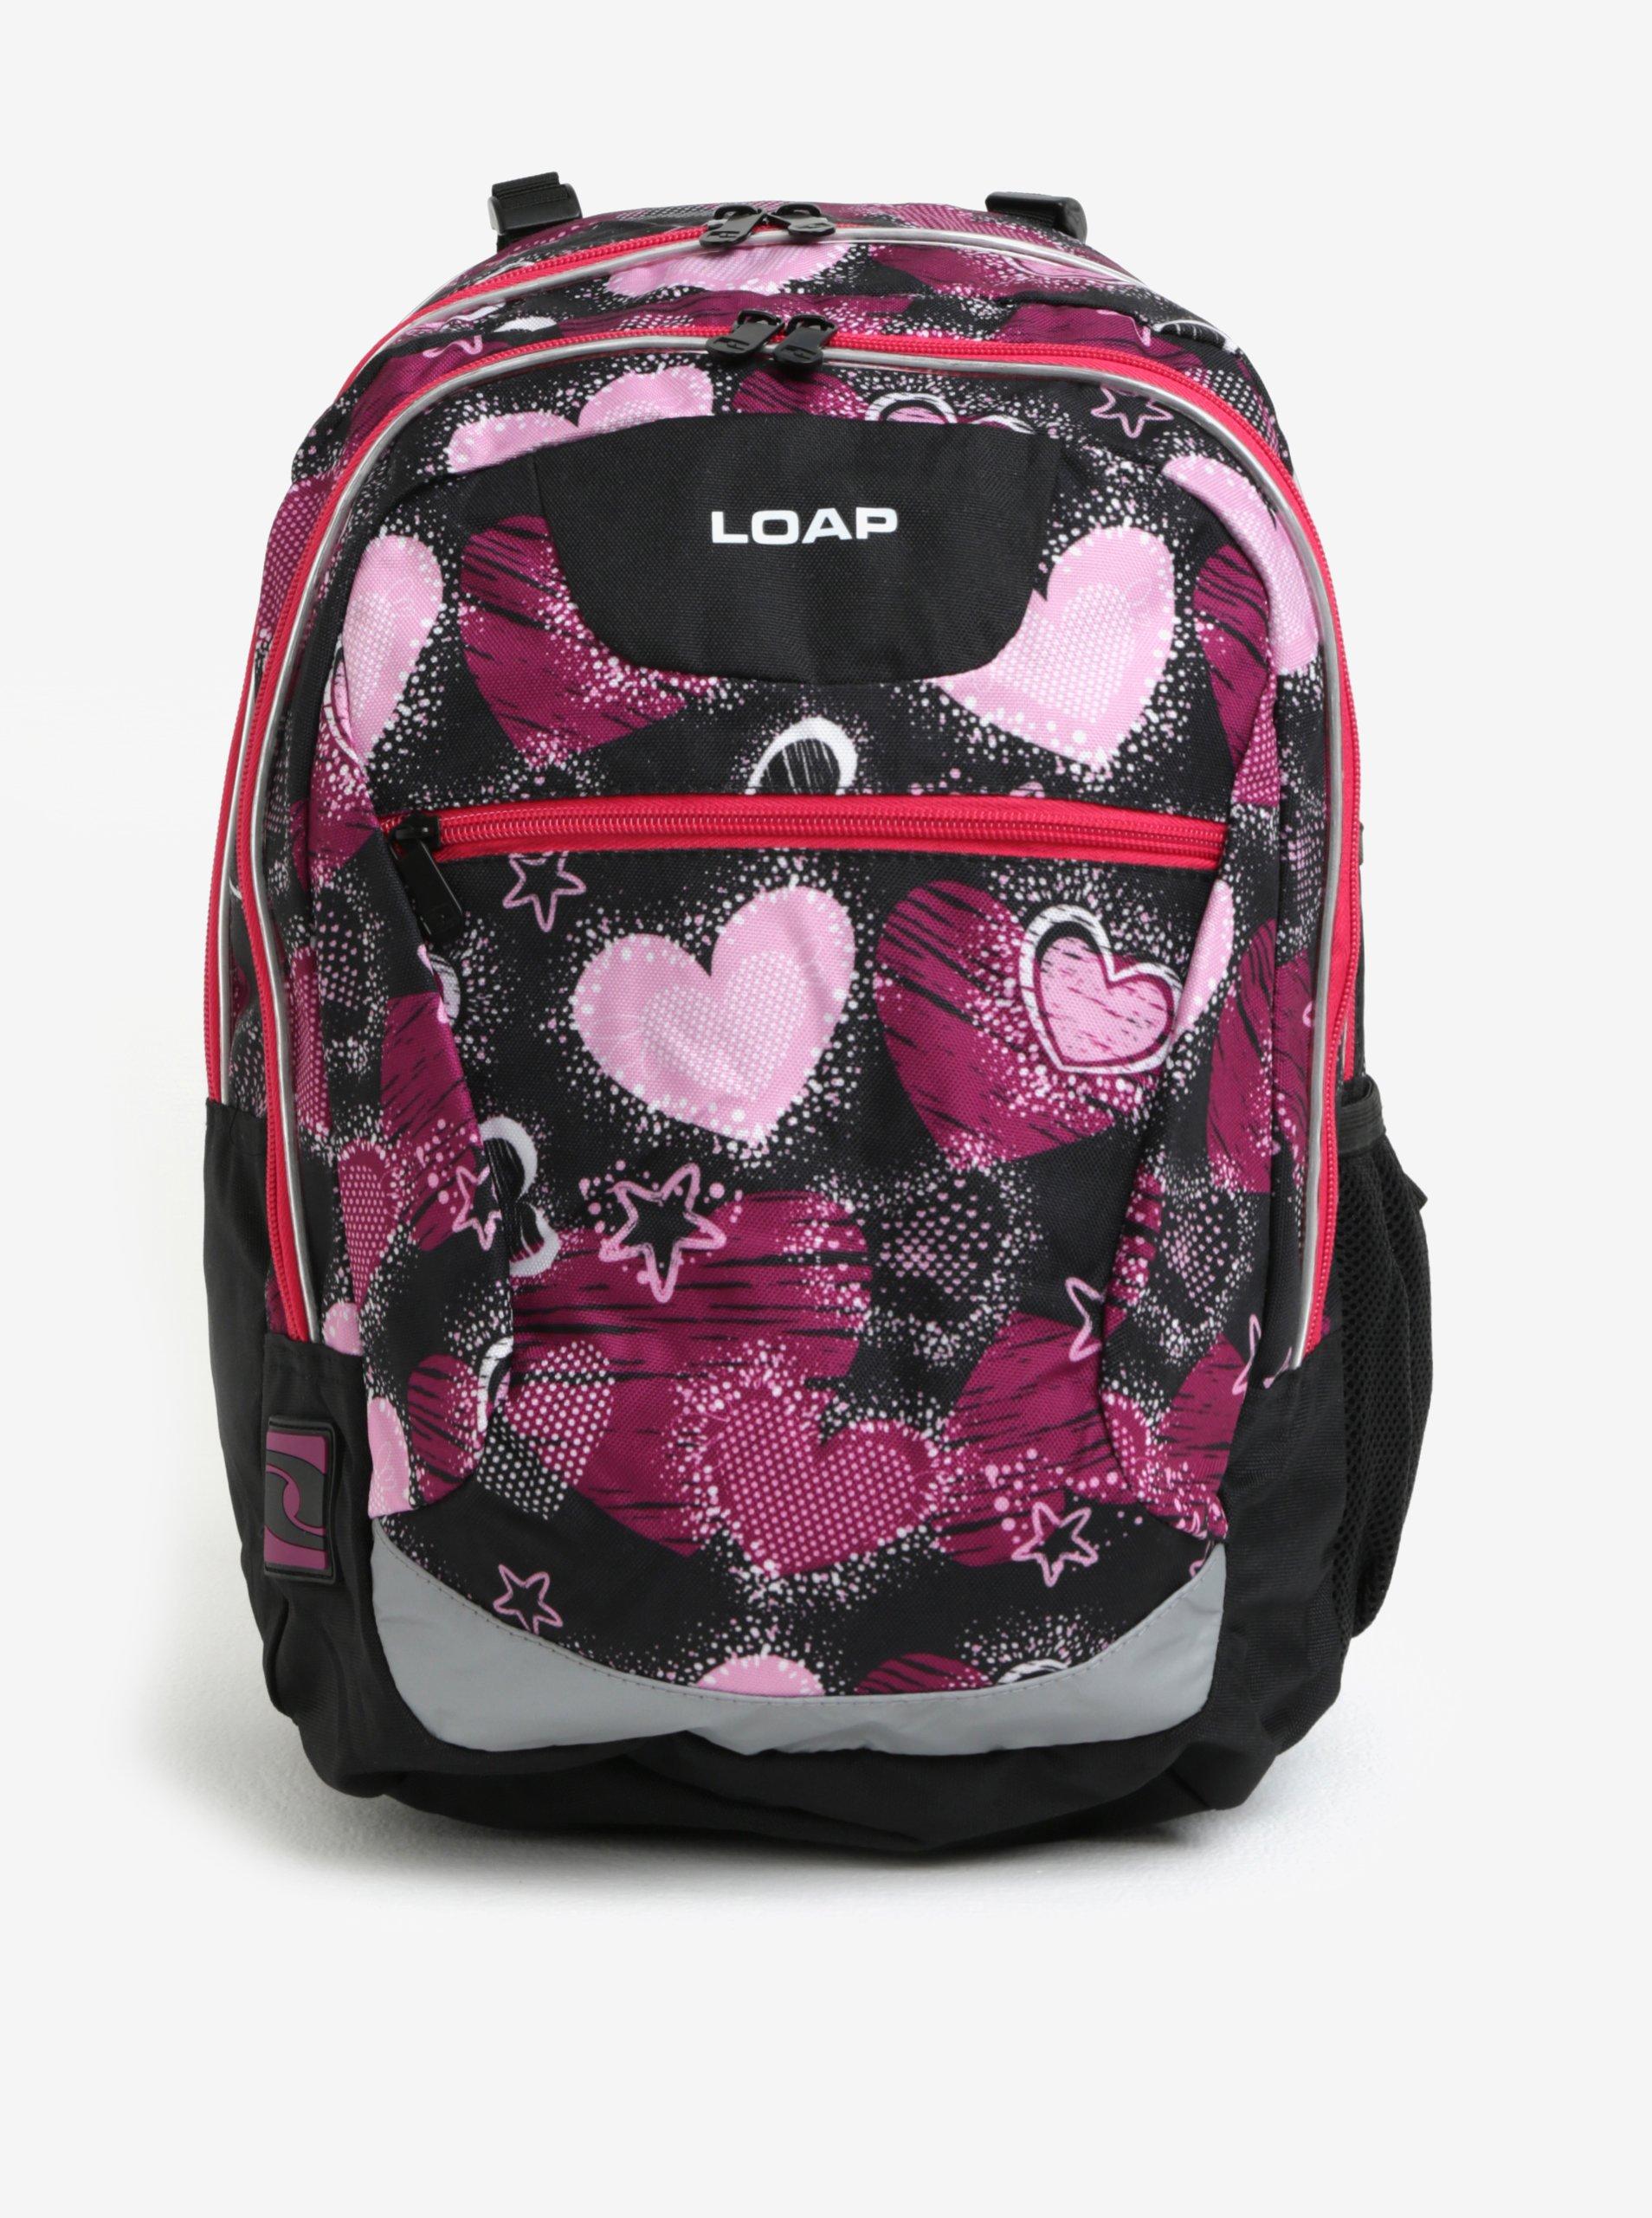 762e1a074ed Černo-růžový holčičí vzorovaný batoh LOAP Ellipse 25 l